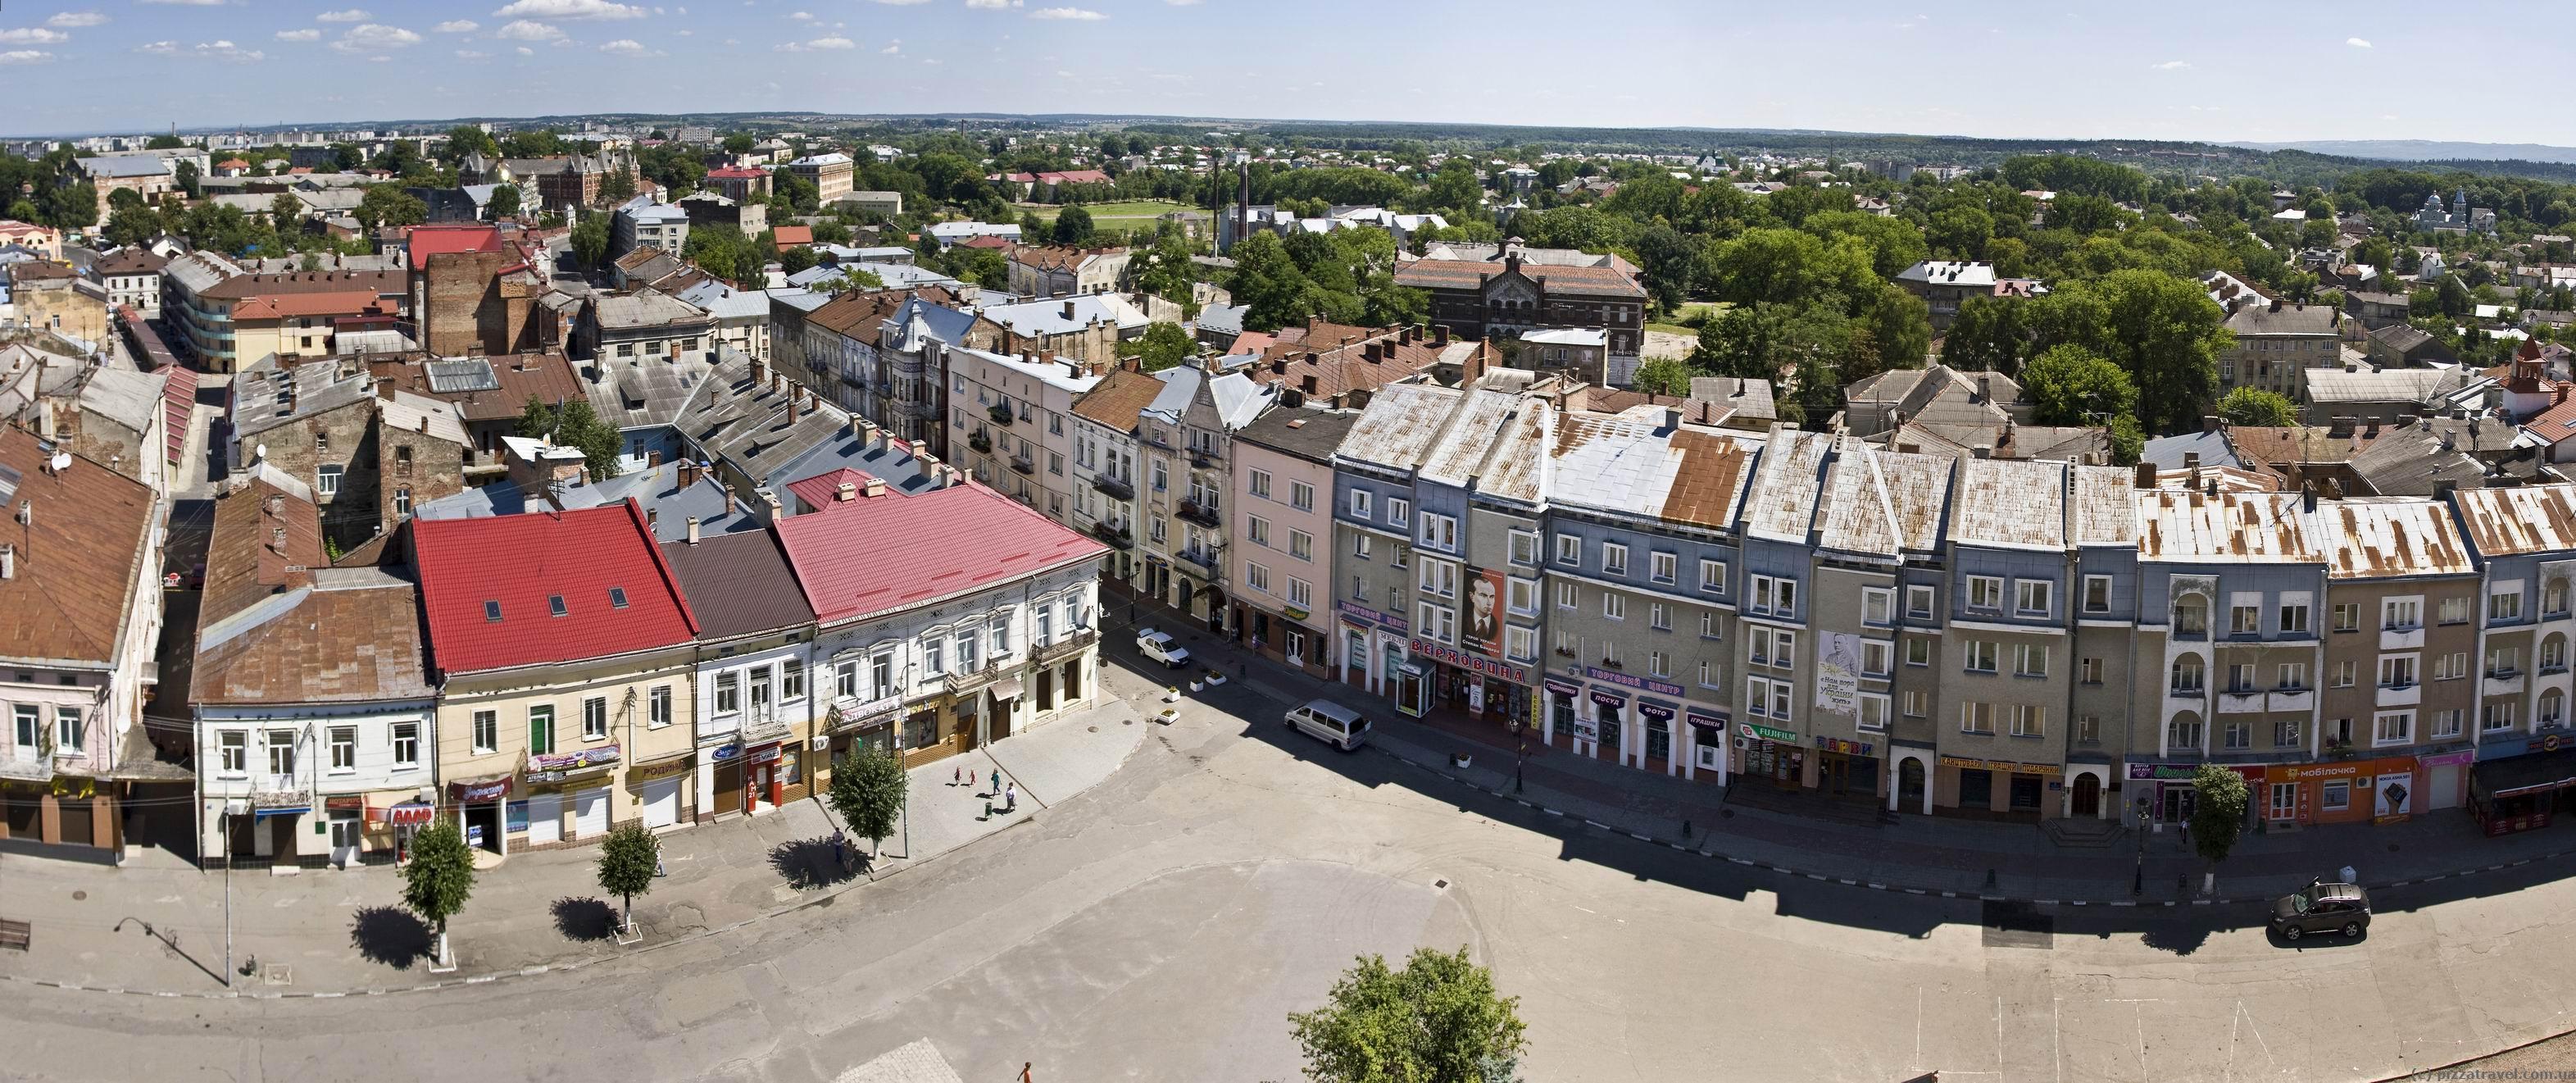 Що ви знаєте про місто Дрогобич?